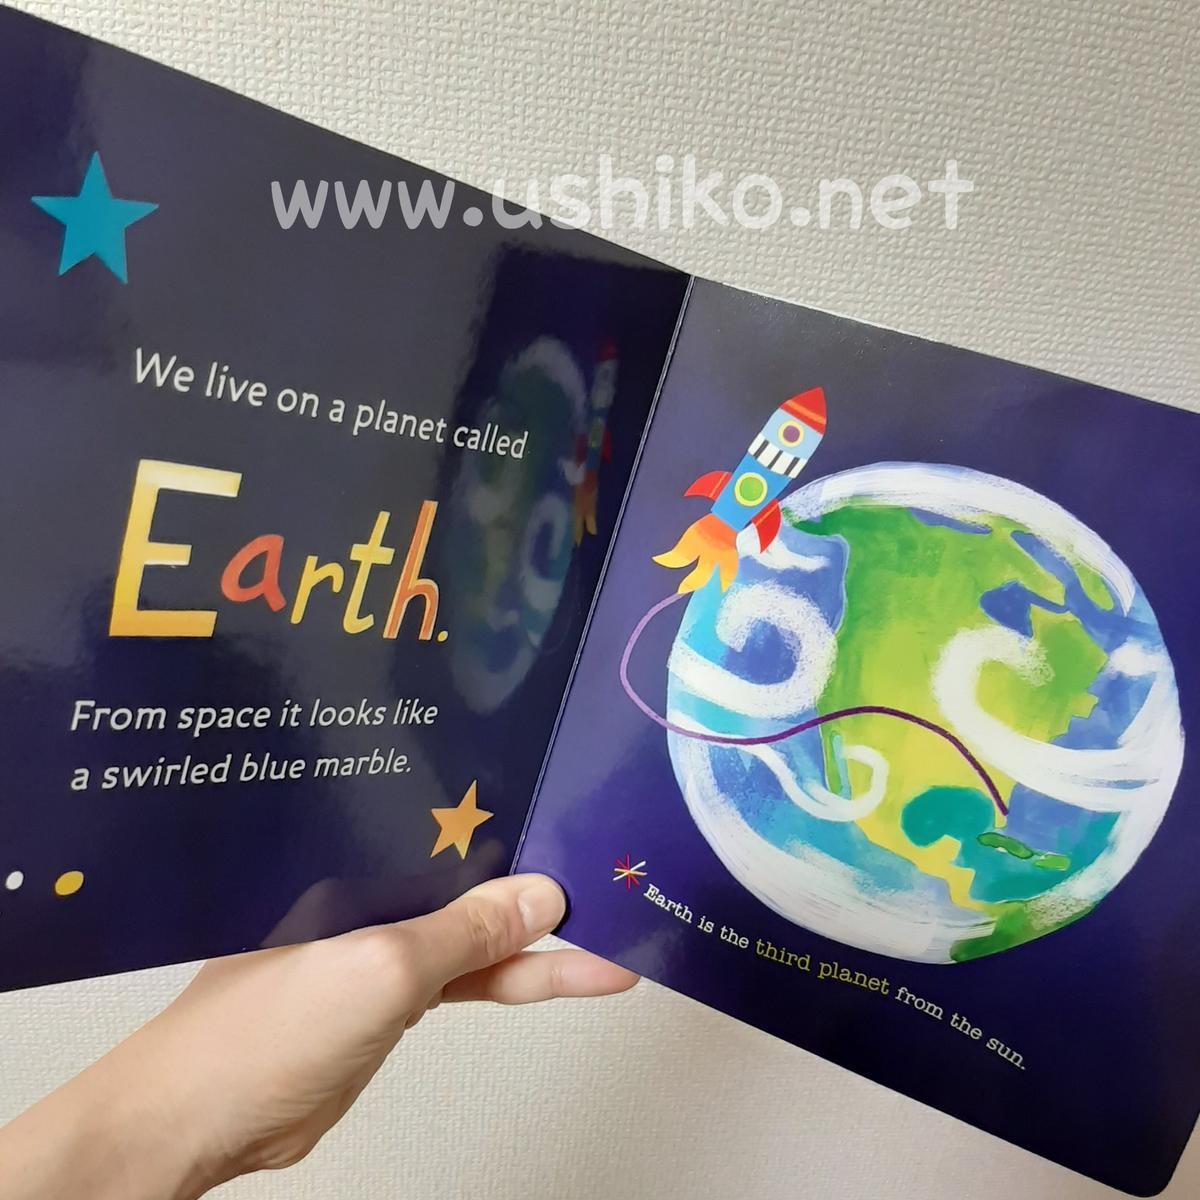 宇宙・惑星・地球をテーマにした英語絵本